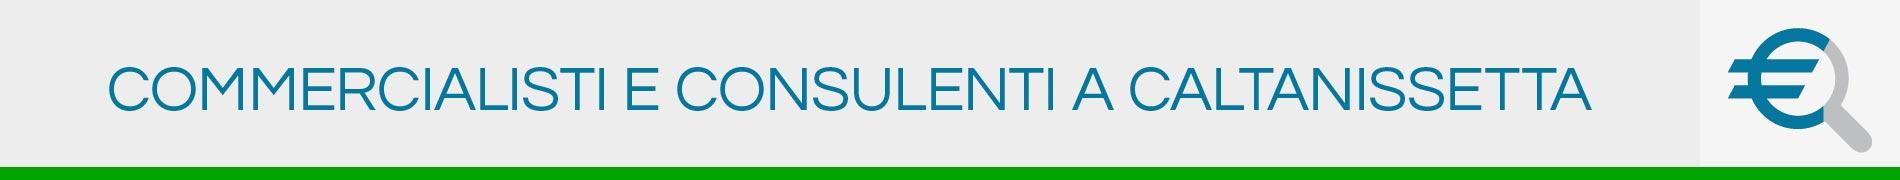 Commercialisti e Consulenti a Caltanissetta